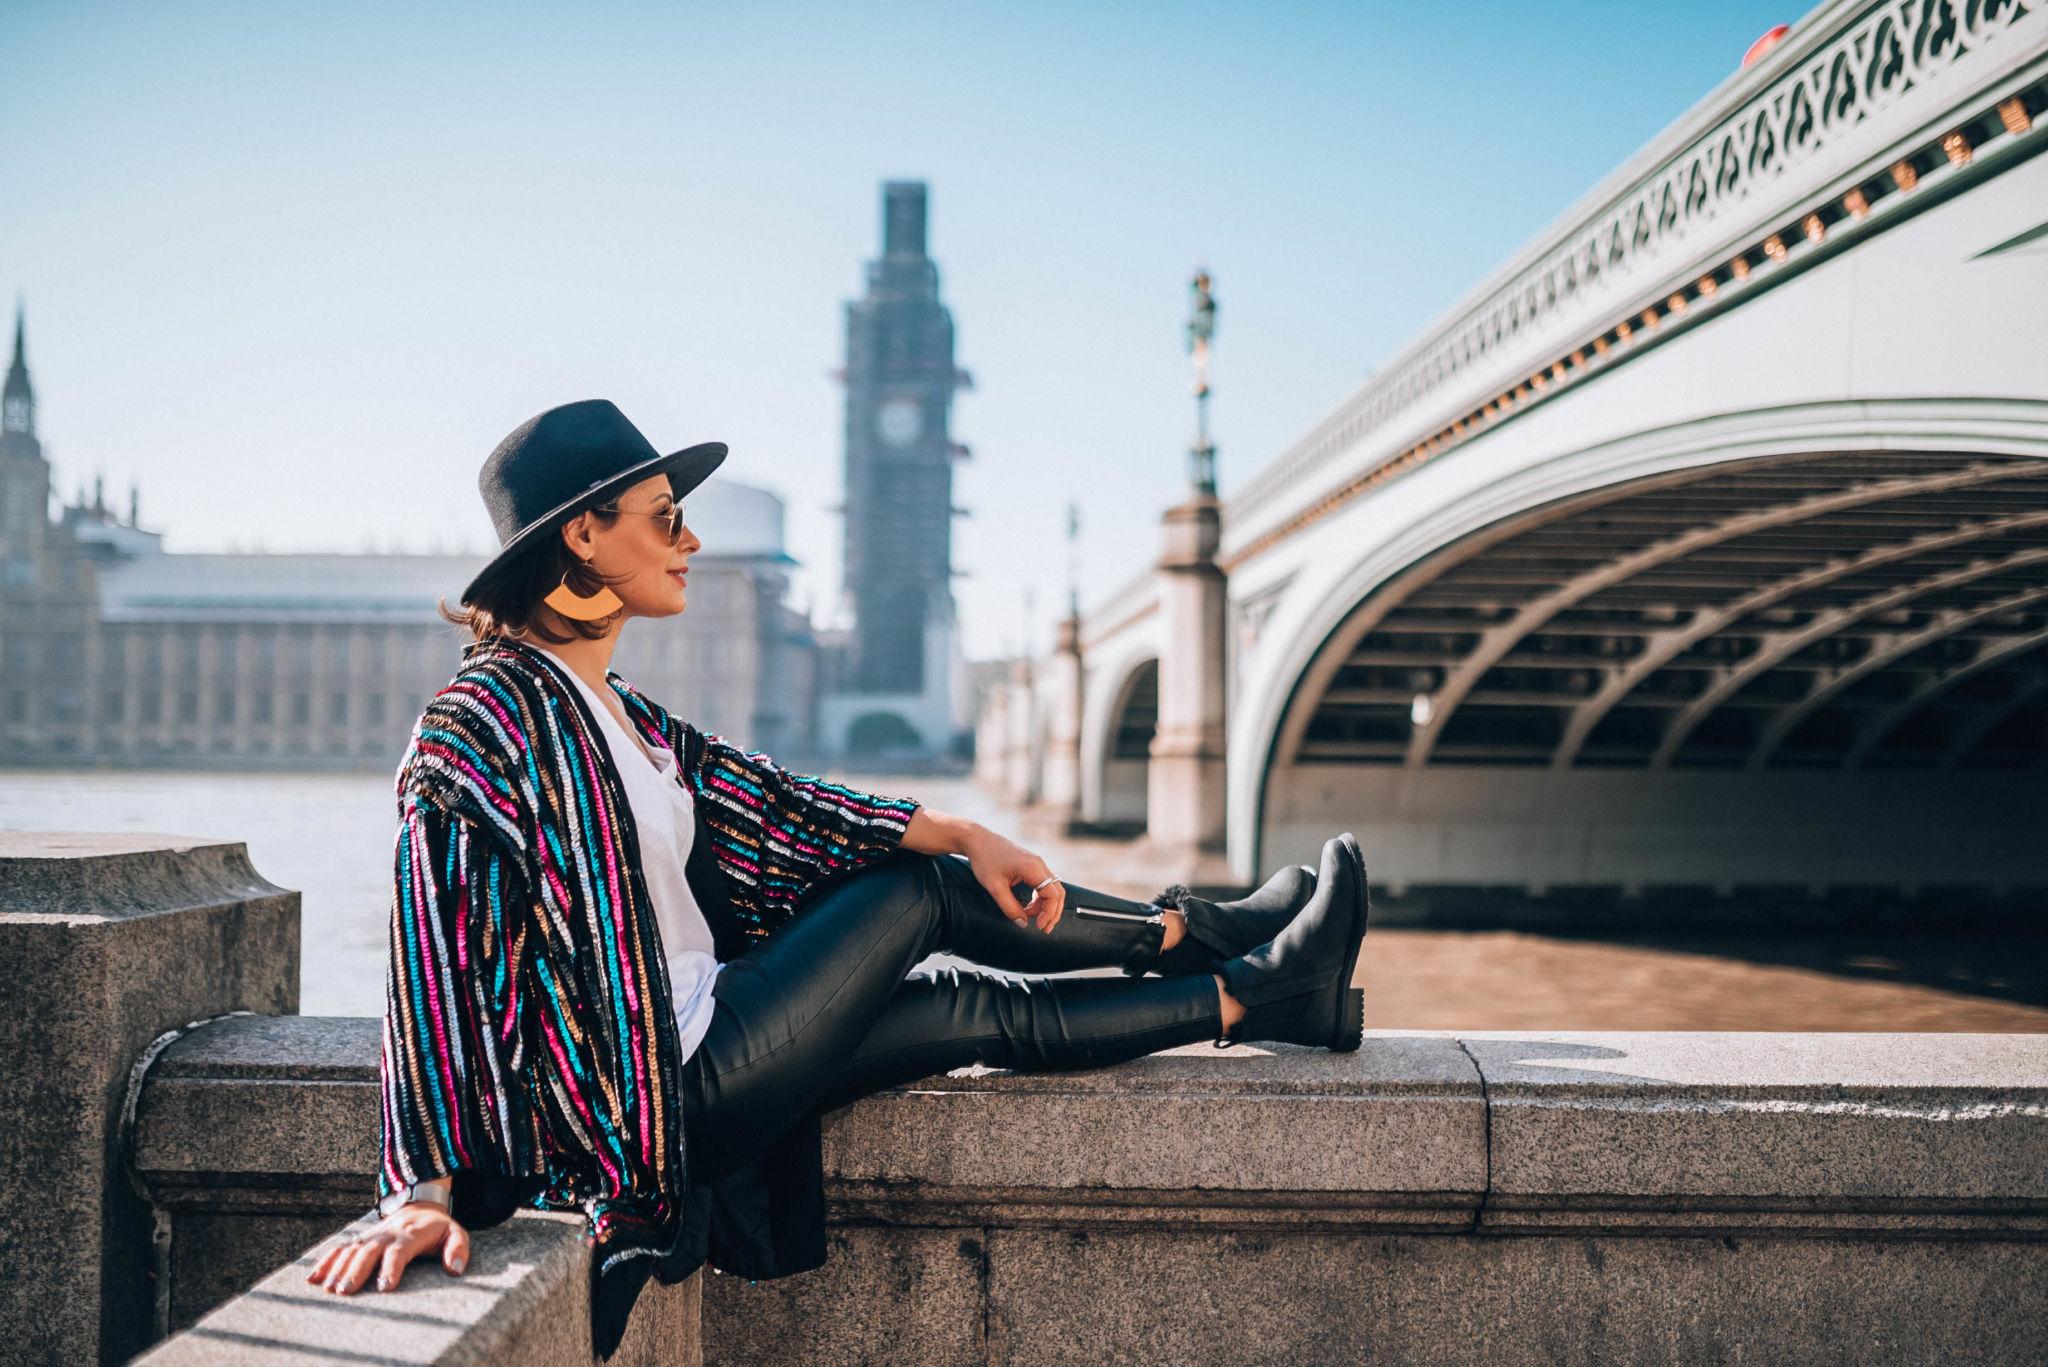 kup najlepiej buty sportowe naprawdę wygodne DOWN THE LONDON MEMORY LANE WITH EMU PIONEER BOOTS –